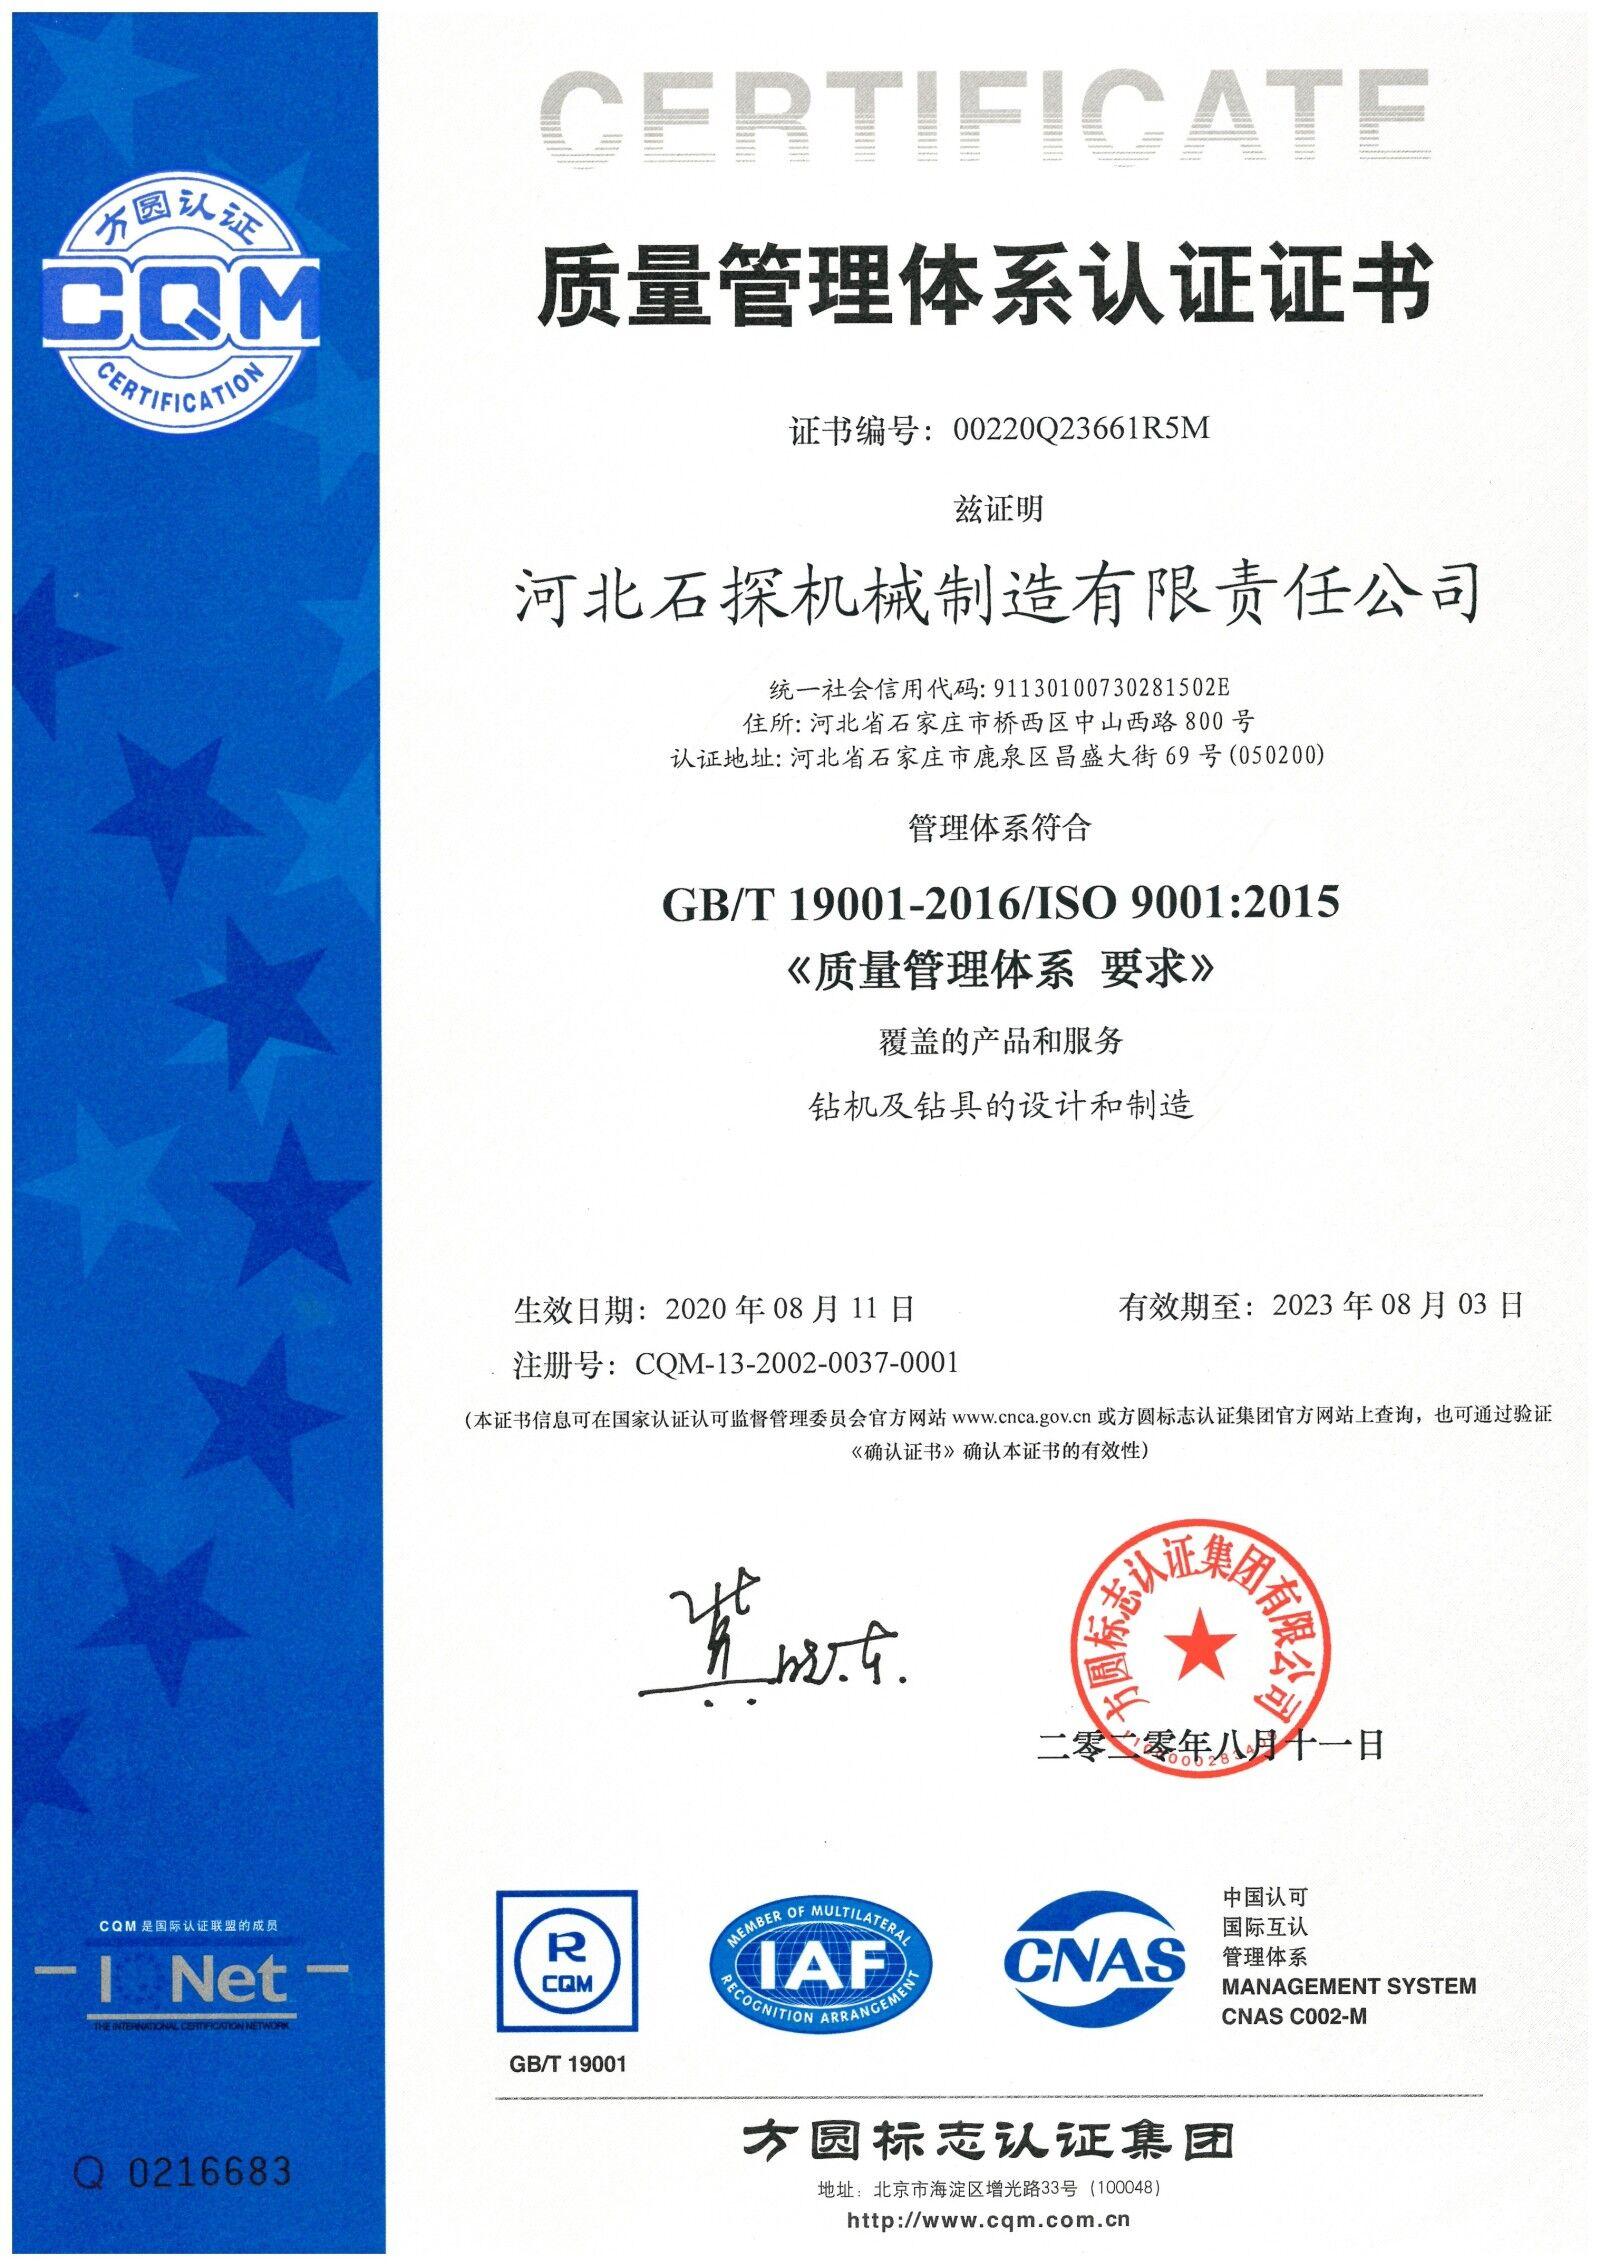 9001中文證書